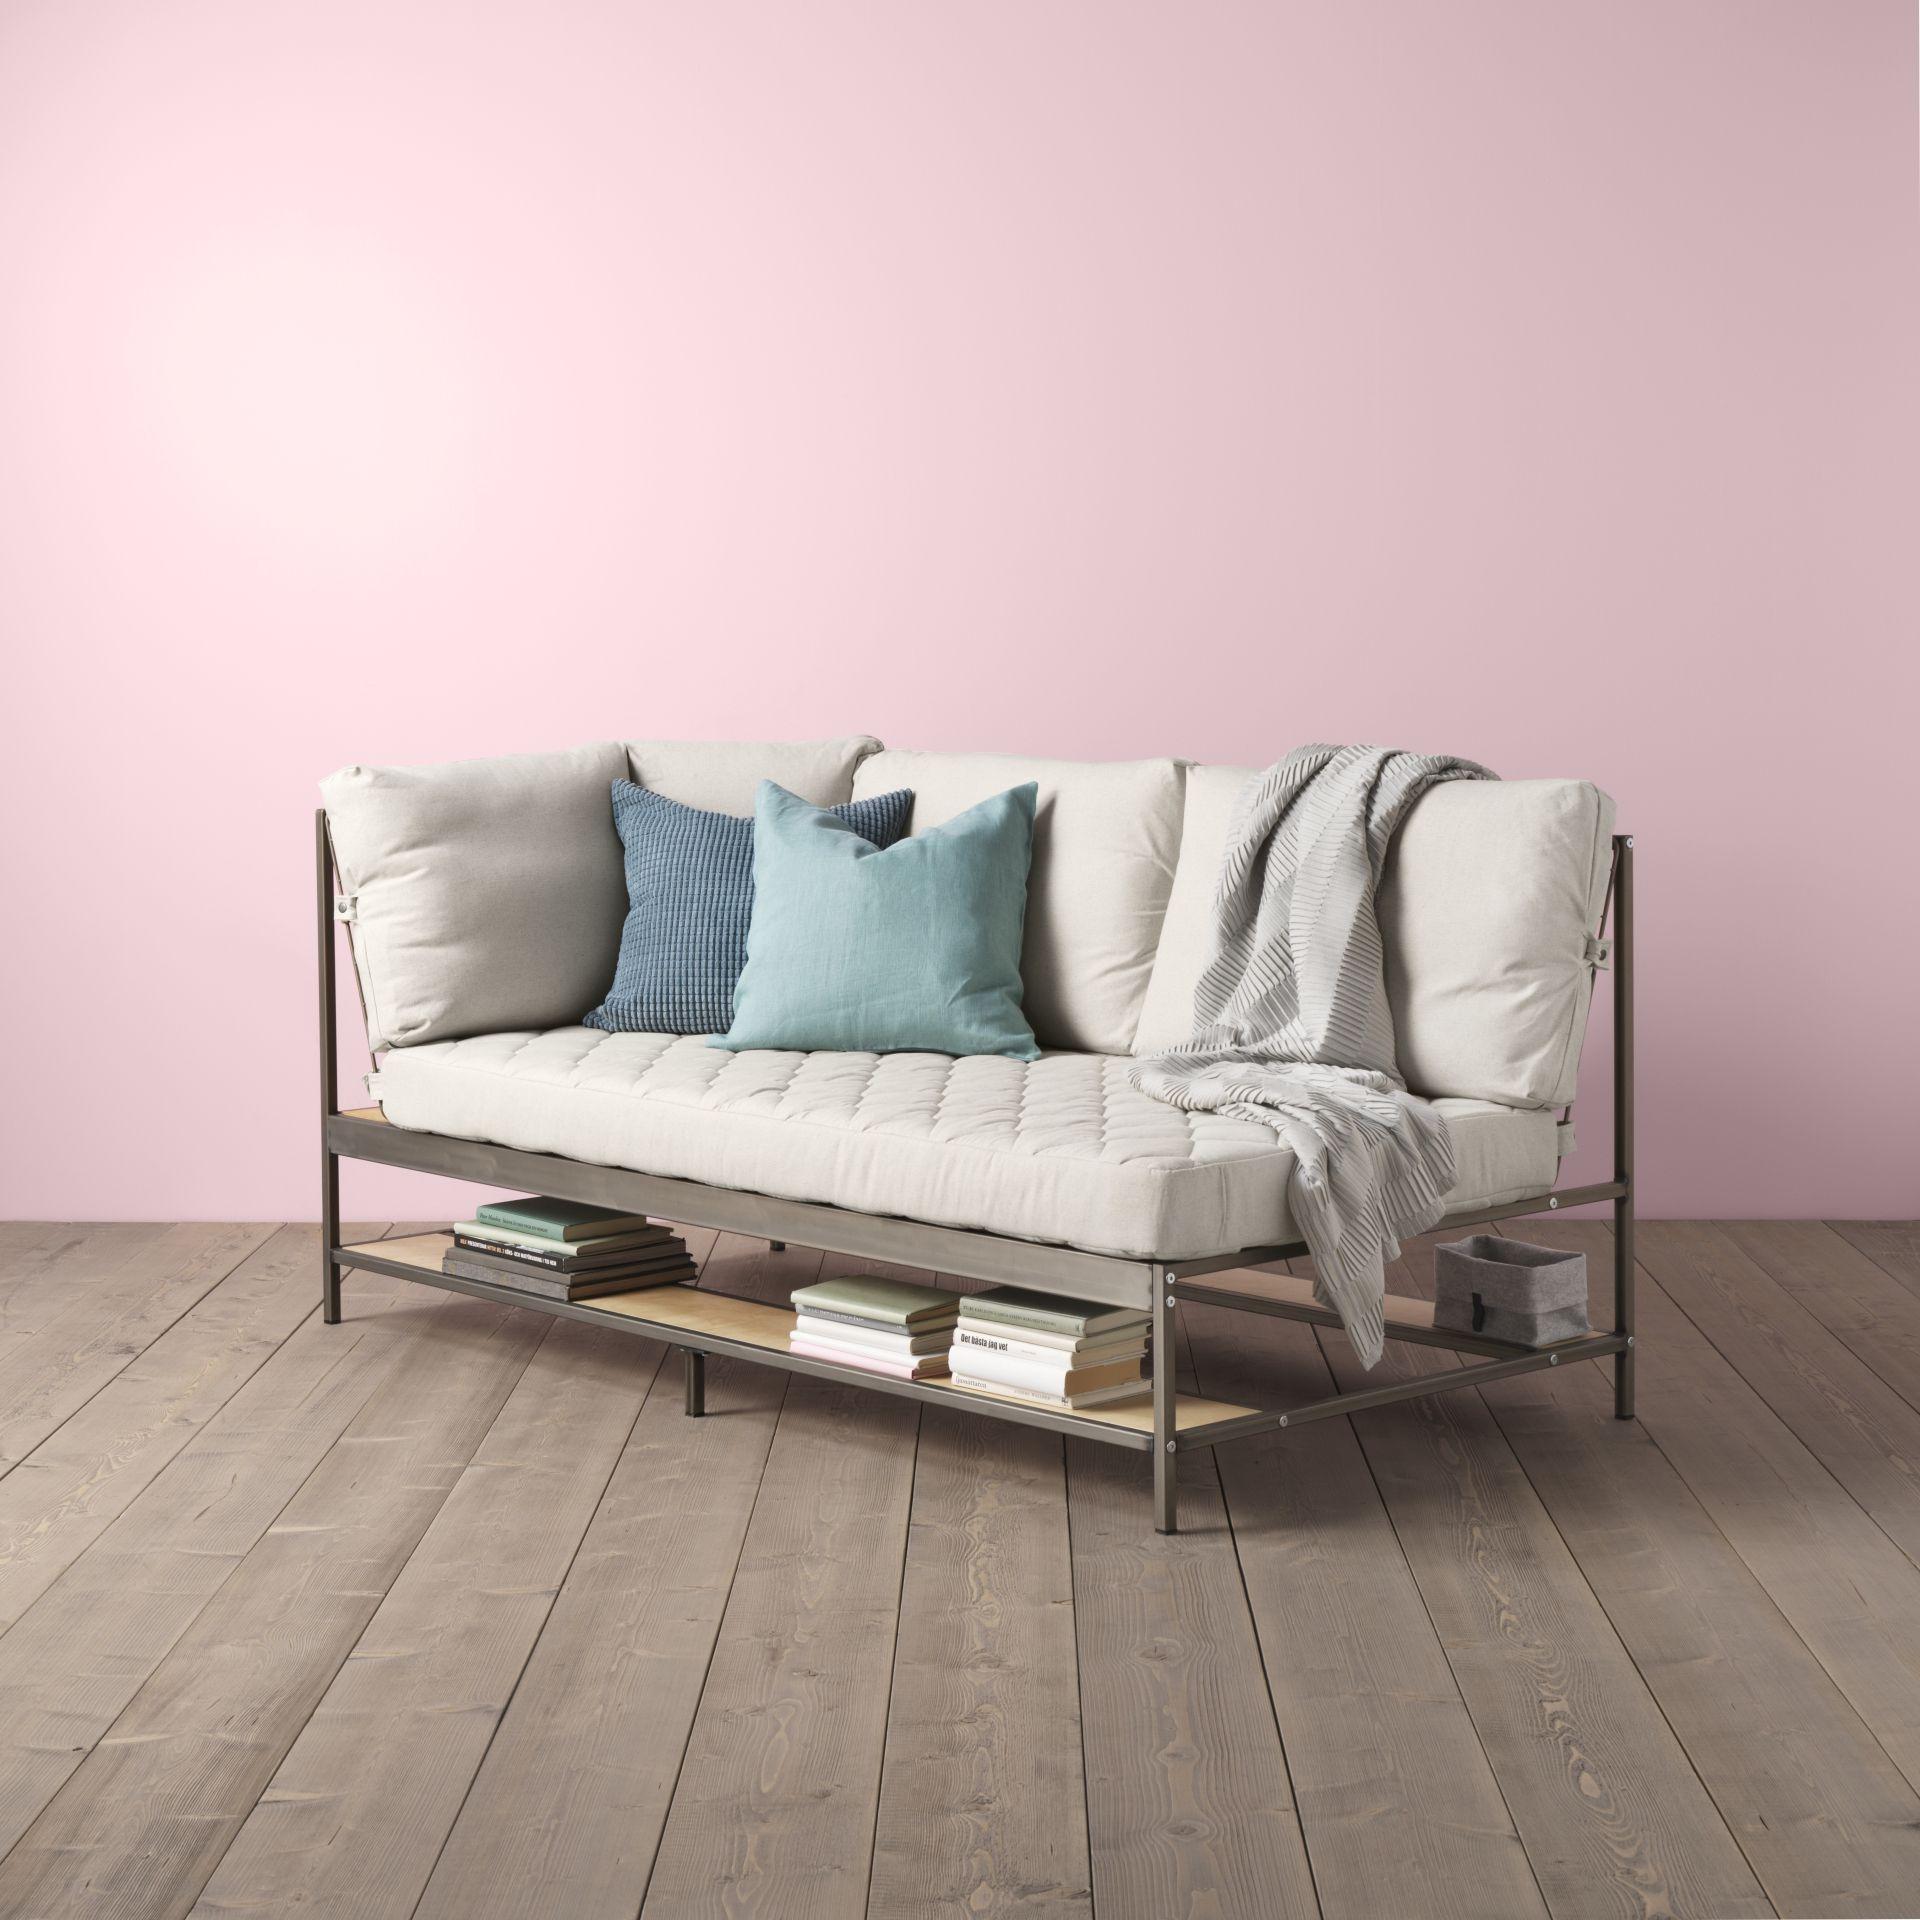 Bekend EKEBOL 3-zitsbank, Katorp naturel   int - Ikea couch, Ikea sofa en @IM49